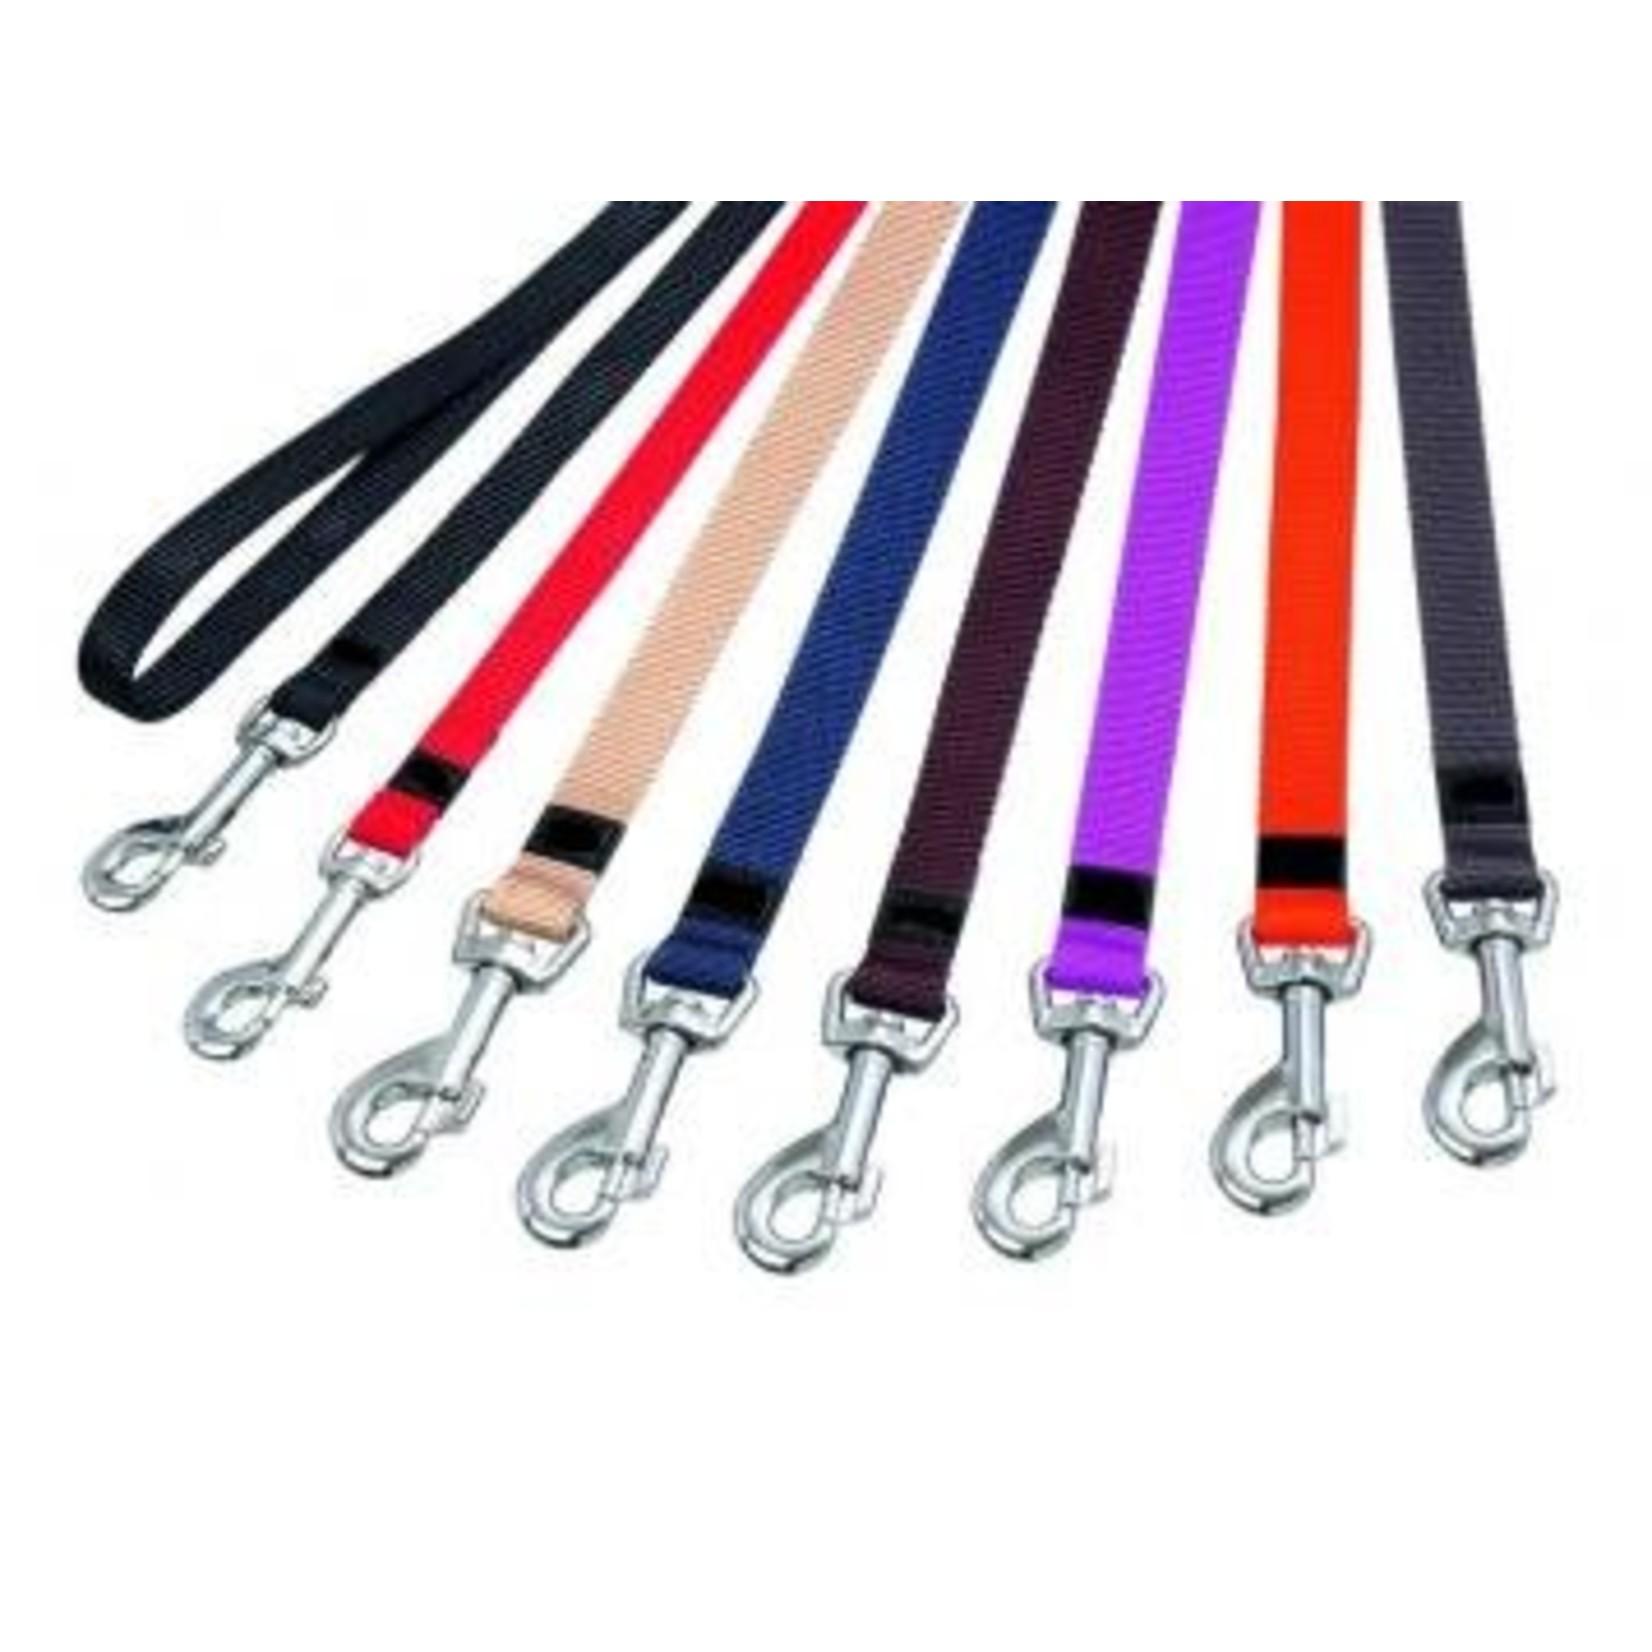 Looplijn nylon 100 cm. In 5 kleuren en 4 maten